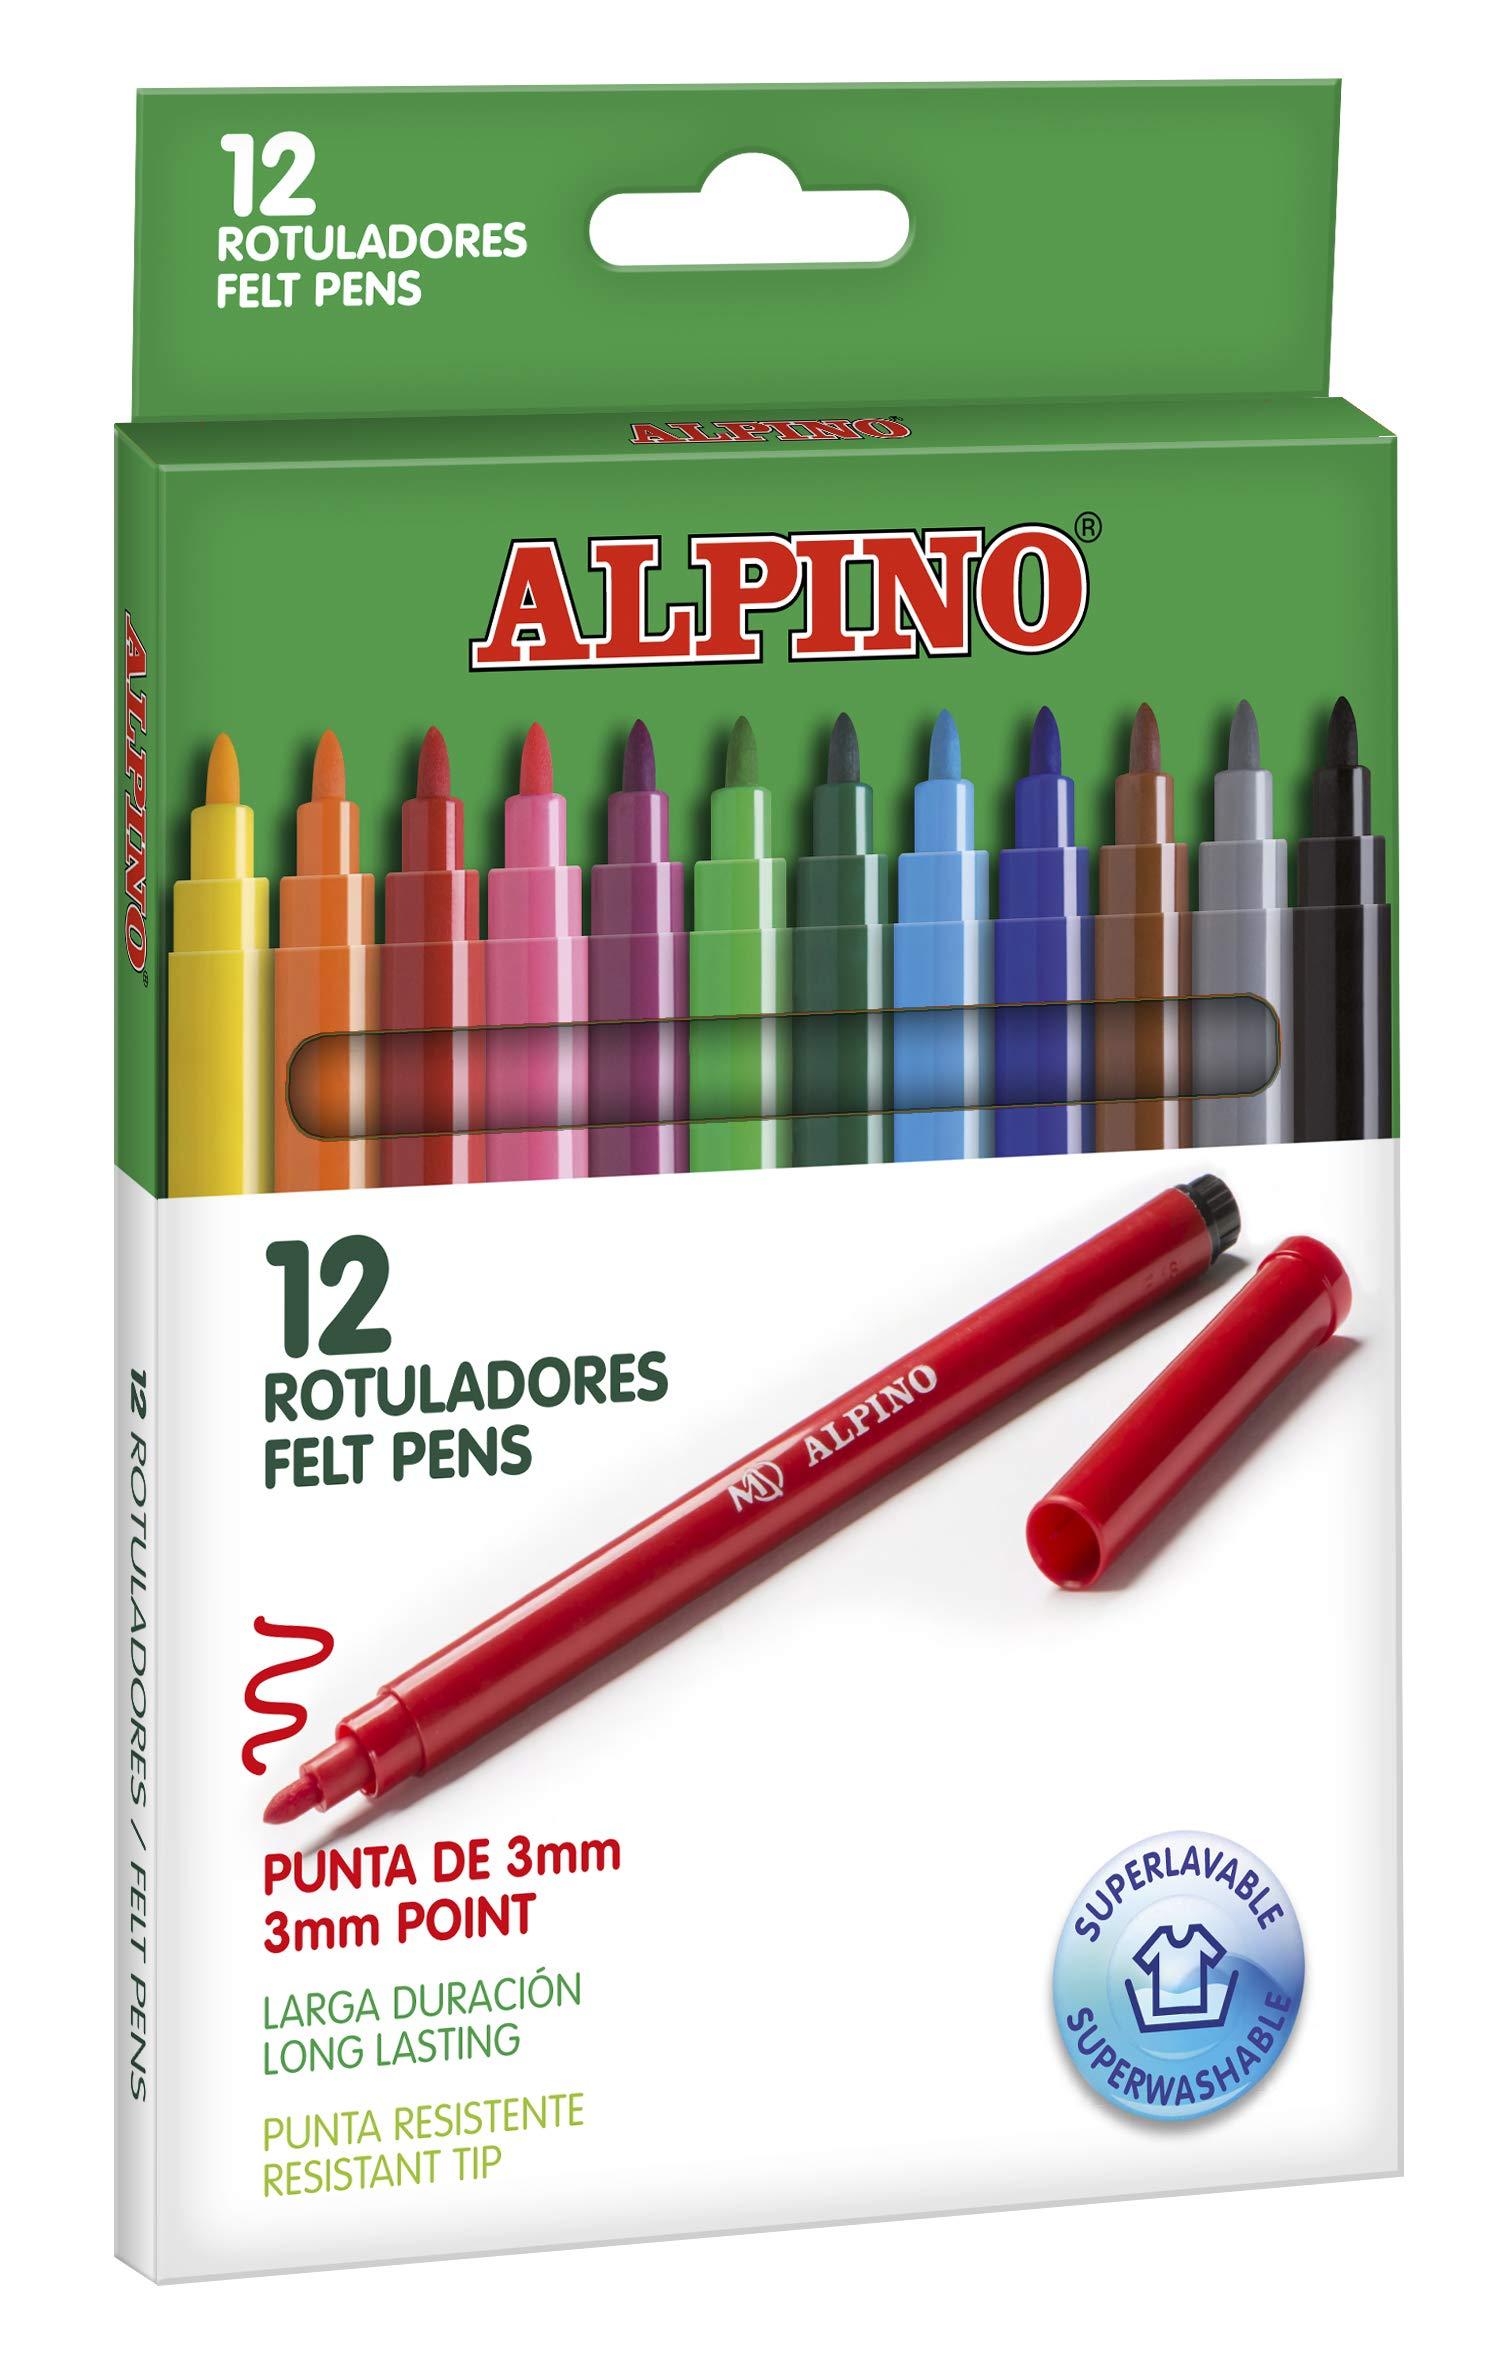 Alpino AR001002 - Pack de 12 rotuladores, colores surtidos: Amazon.es: Oficina y papelería